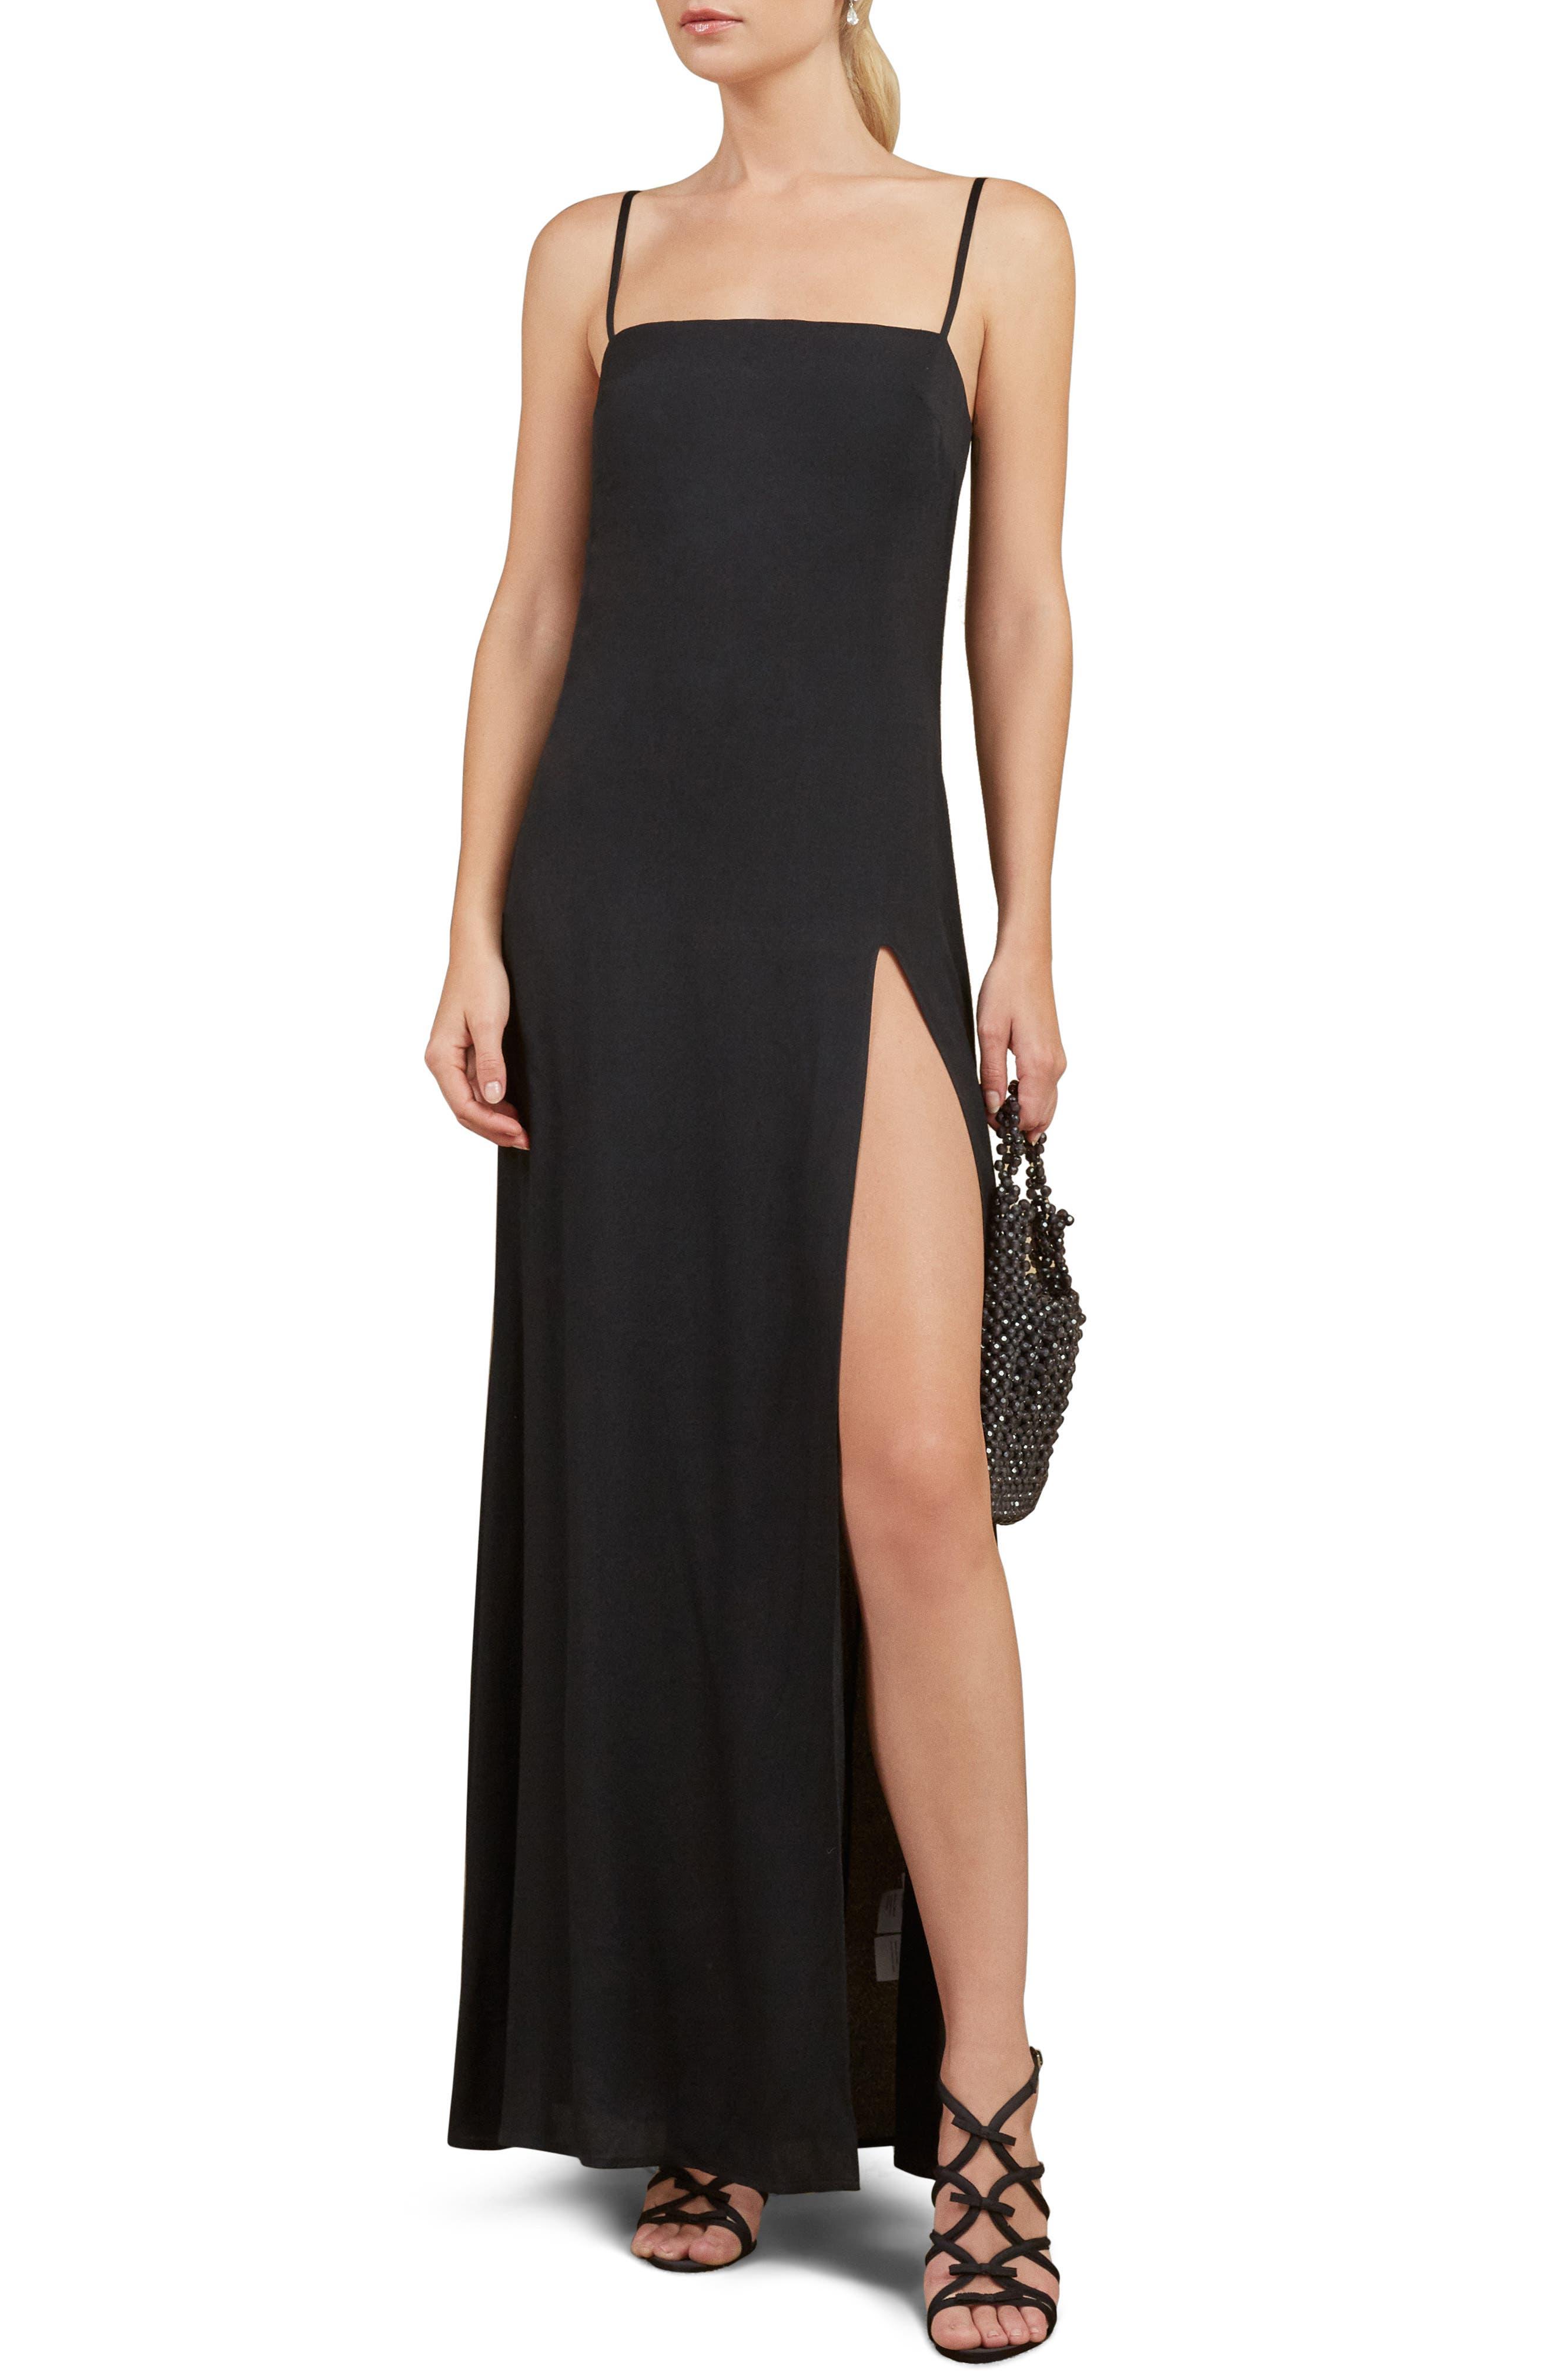 Keys Slit Maxi Dress,                         Main,                         color, BLACK